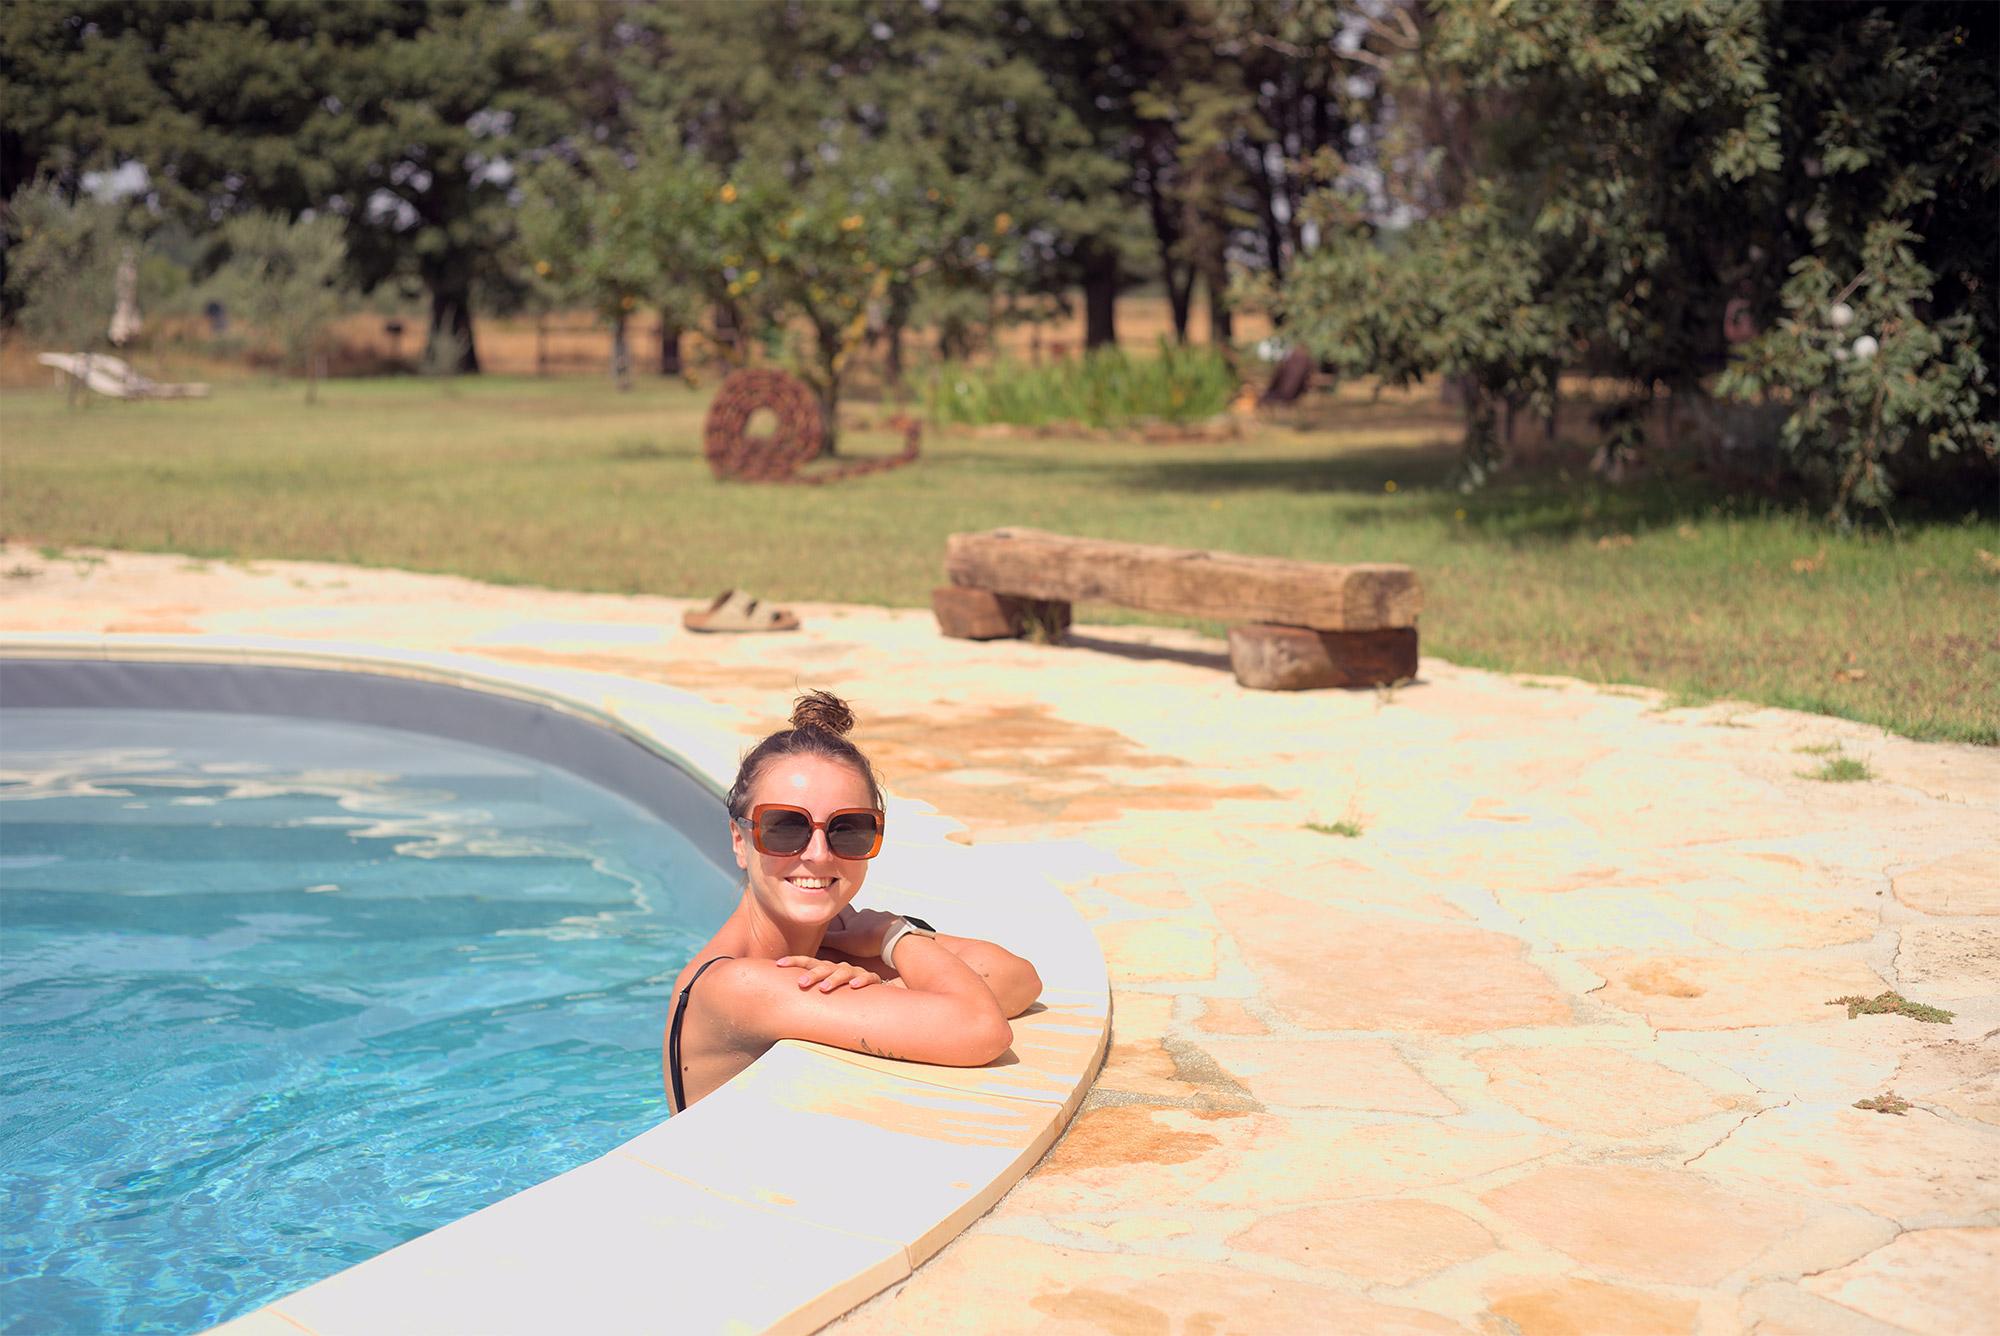 Offline-Zeit am Pool genießen